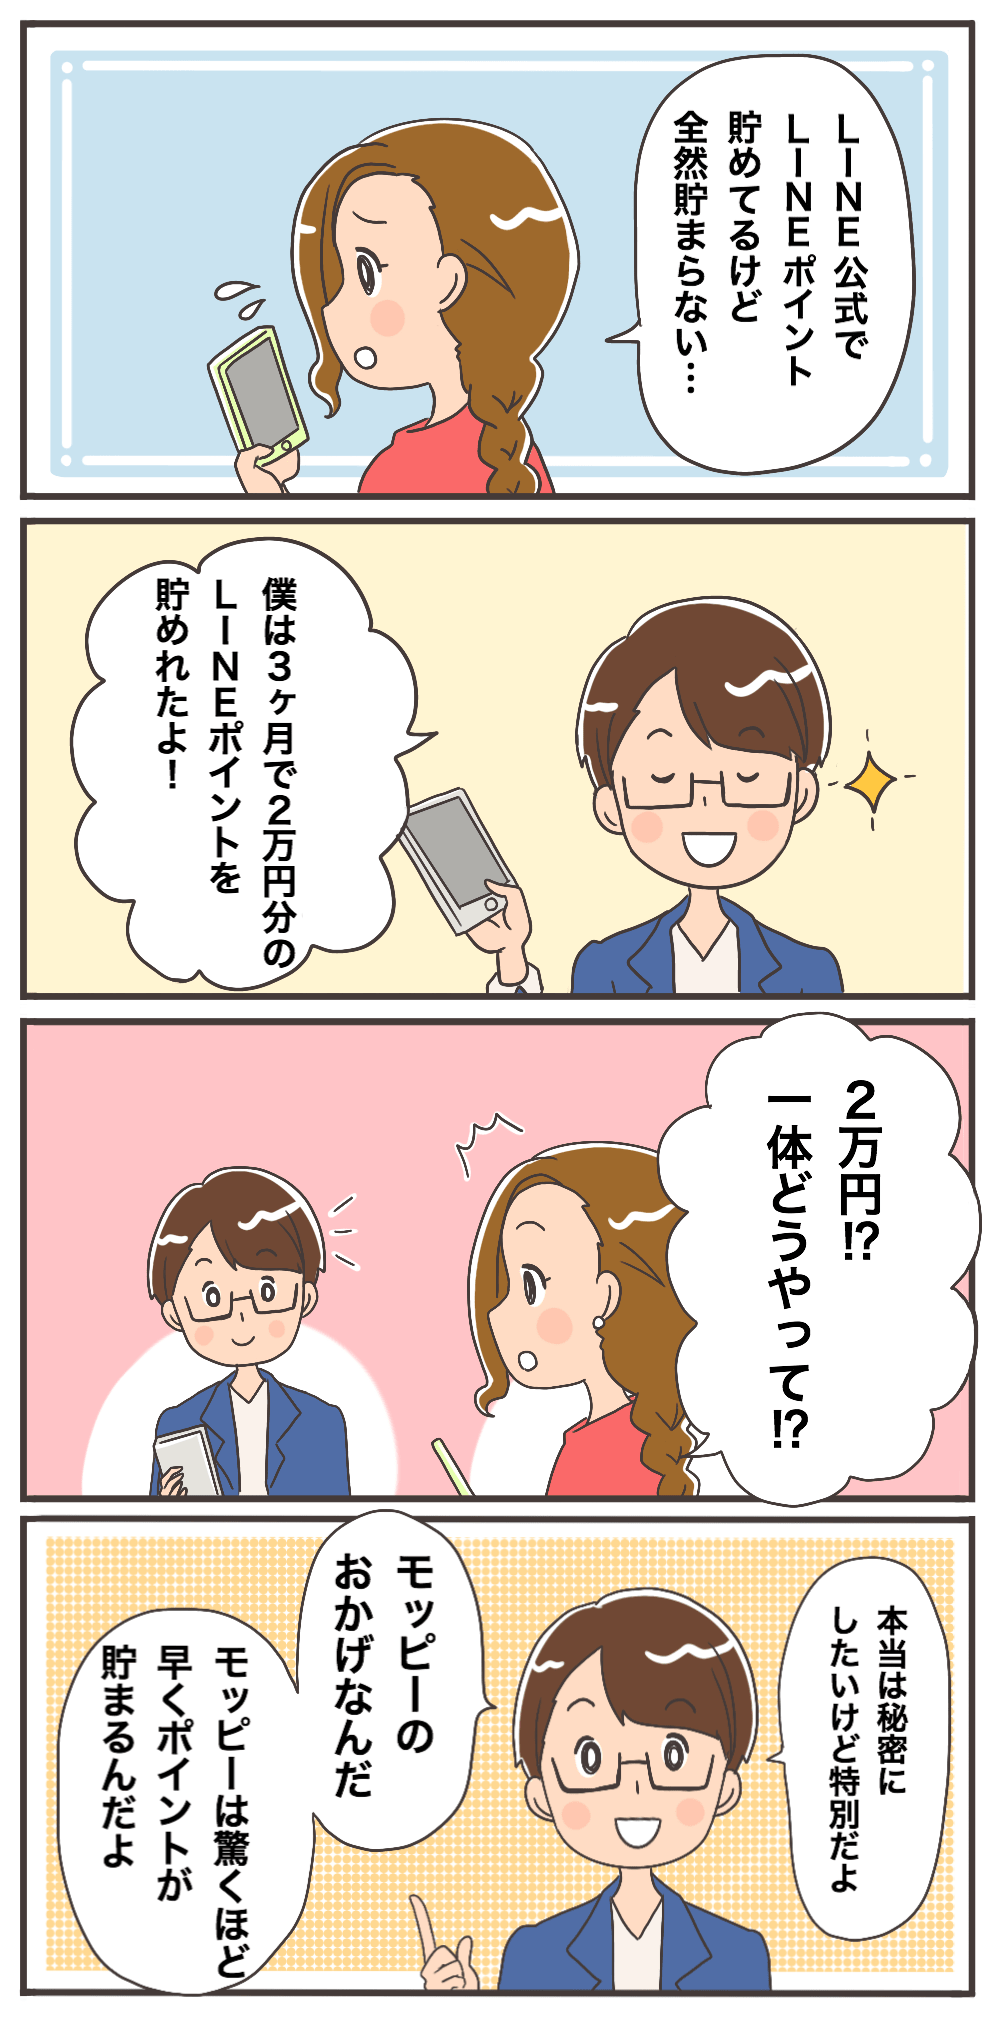 貯め 方 ポイント line